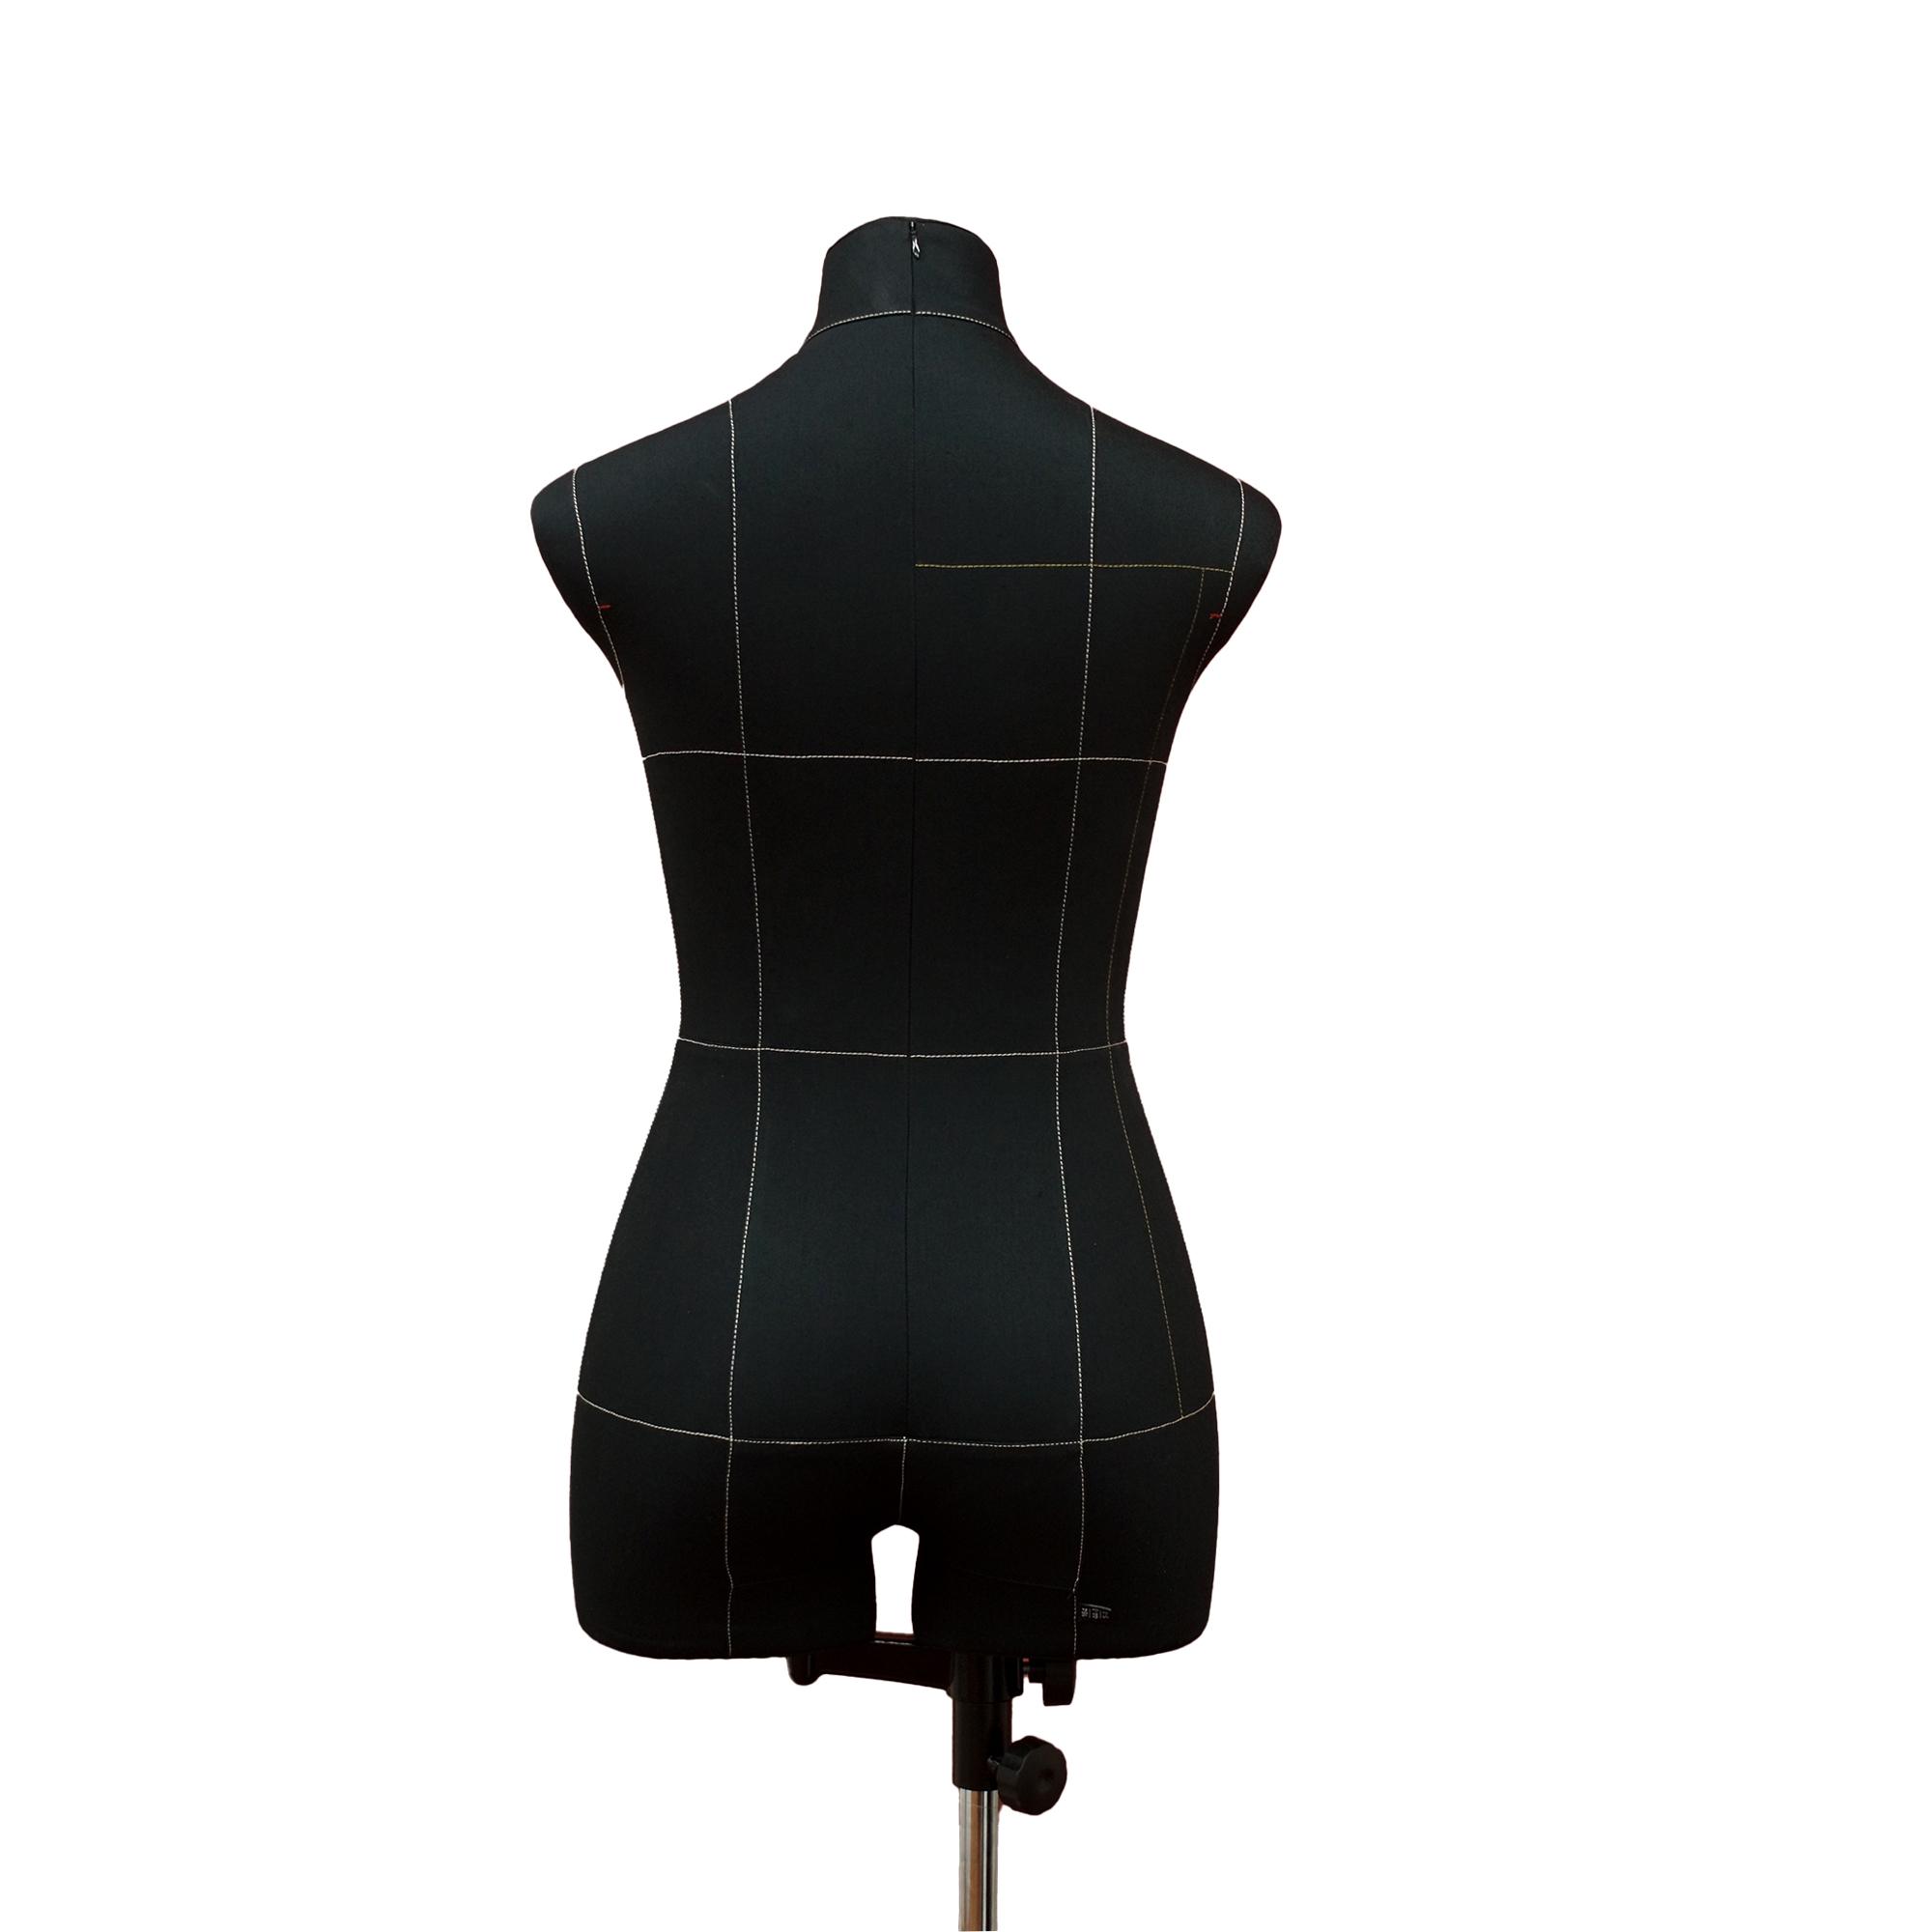 Манекен портновский Моника, комплект Про, размер 44, тип фигуры Песочные часы, черныйФото 1